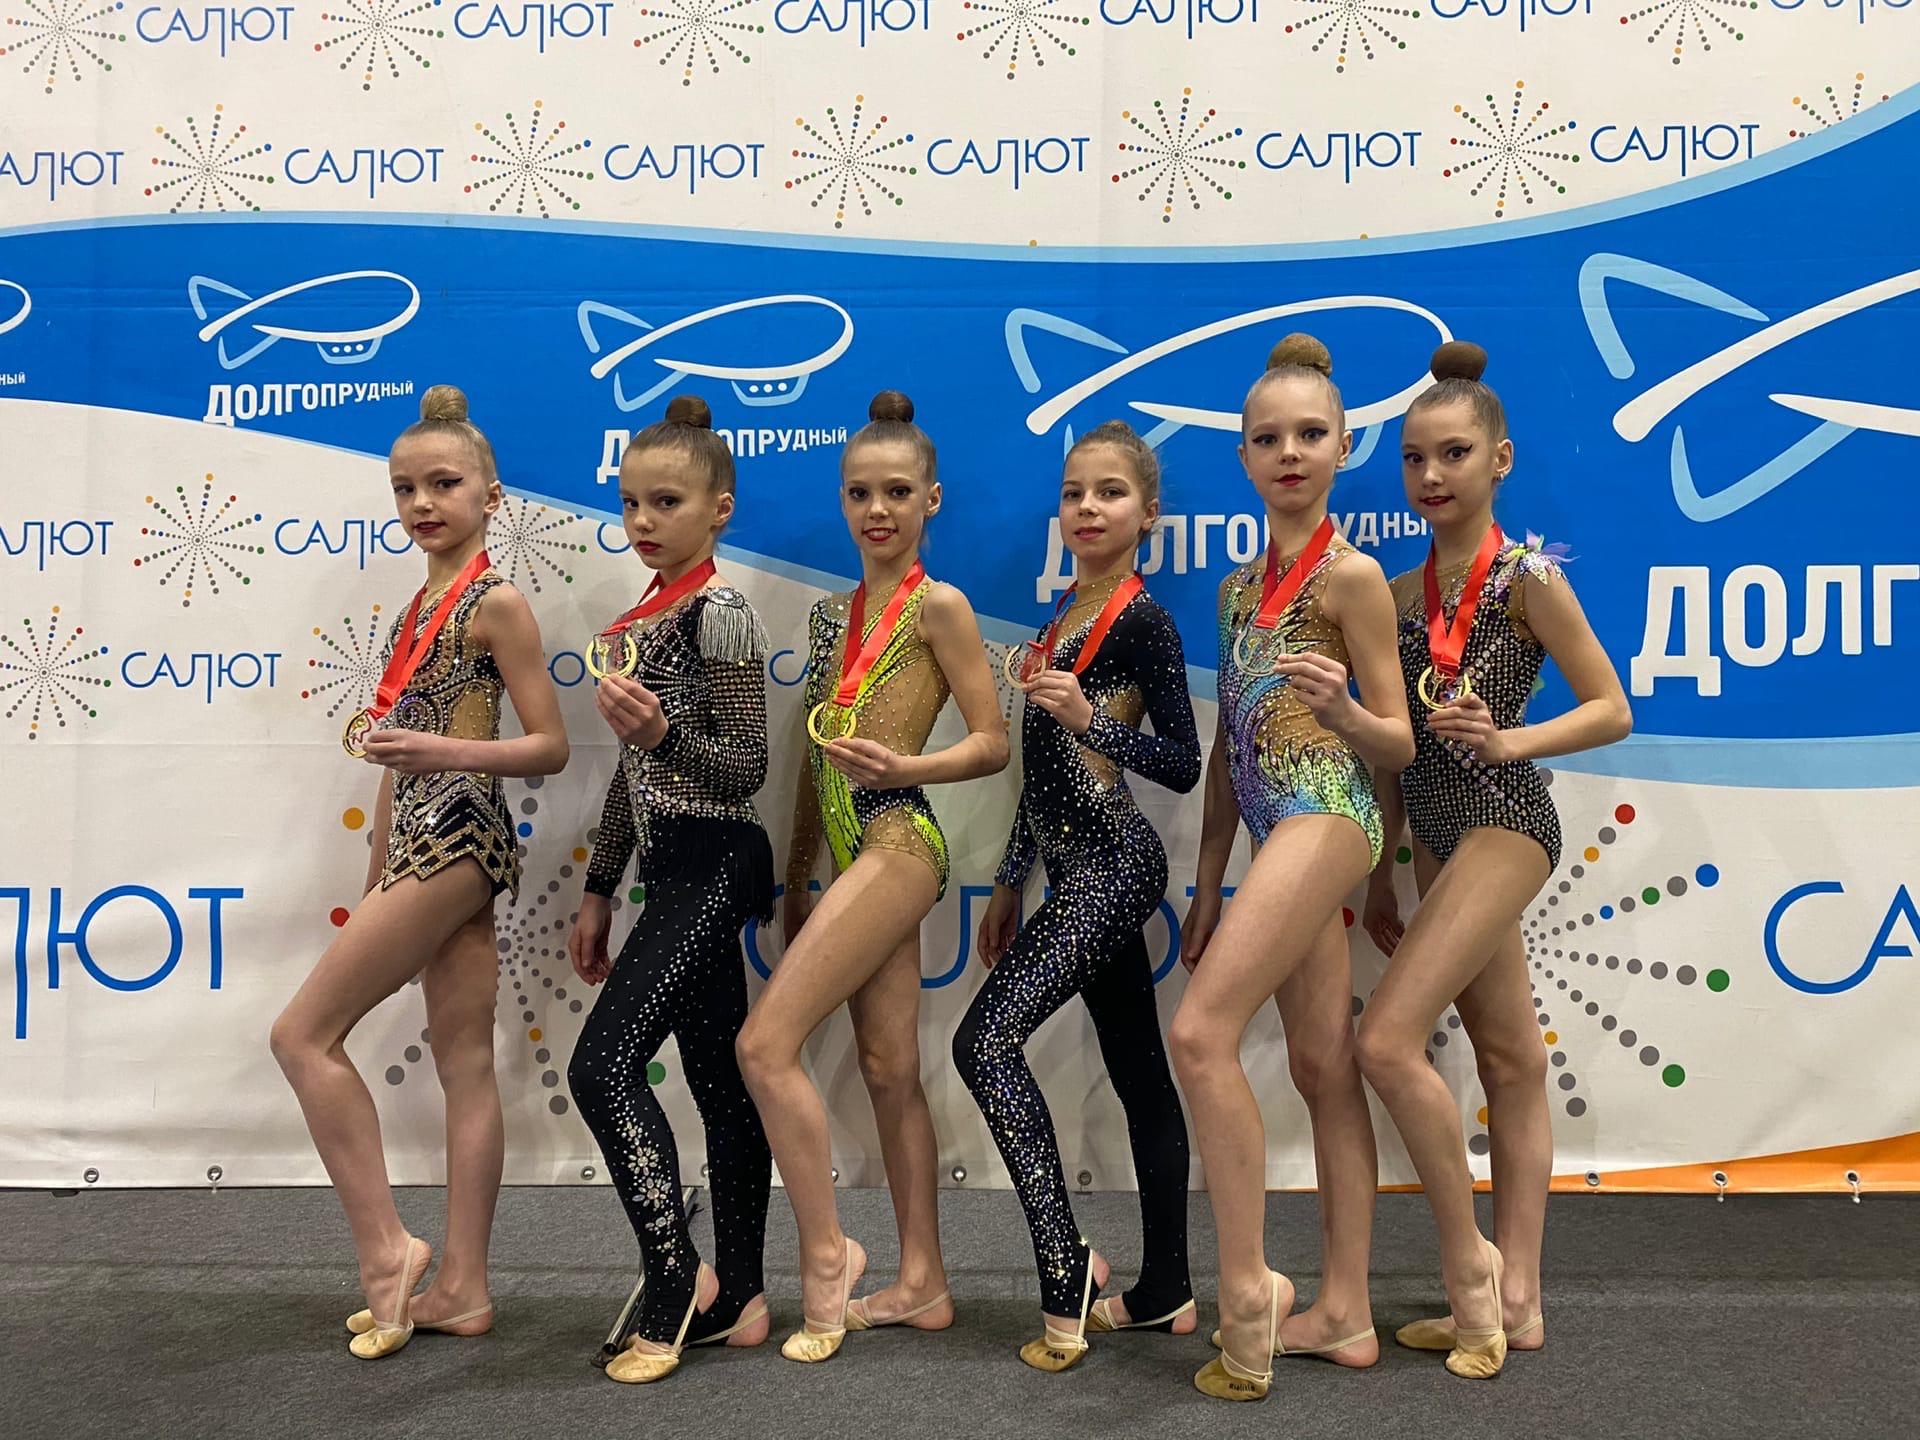 КОЛОМНАСПОРТ - Спорт в Коломне Озёрские гимнастки завоевали 25 наград на турнире «Вдохновение» в Долгопрудном